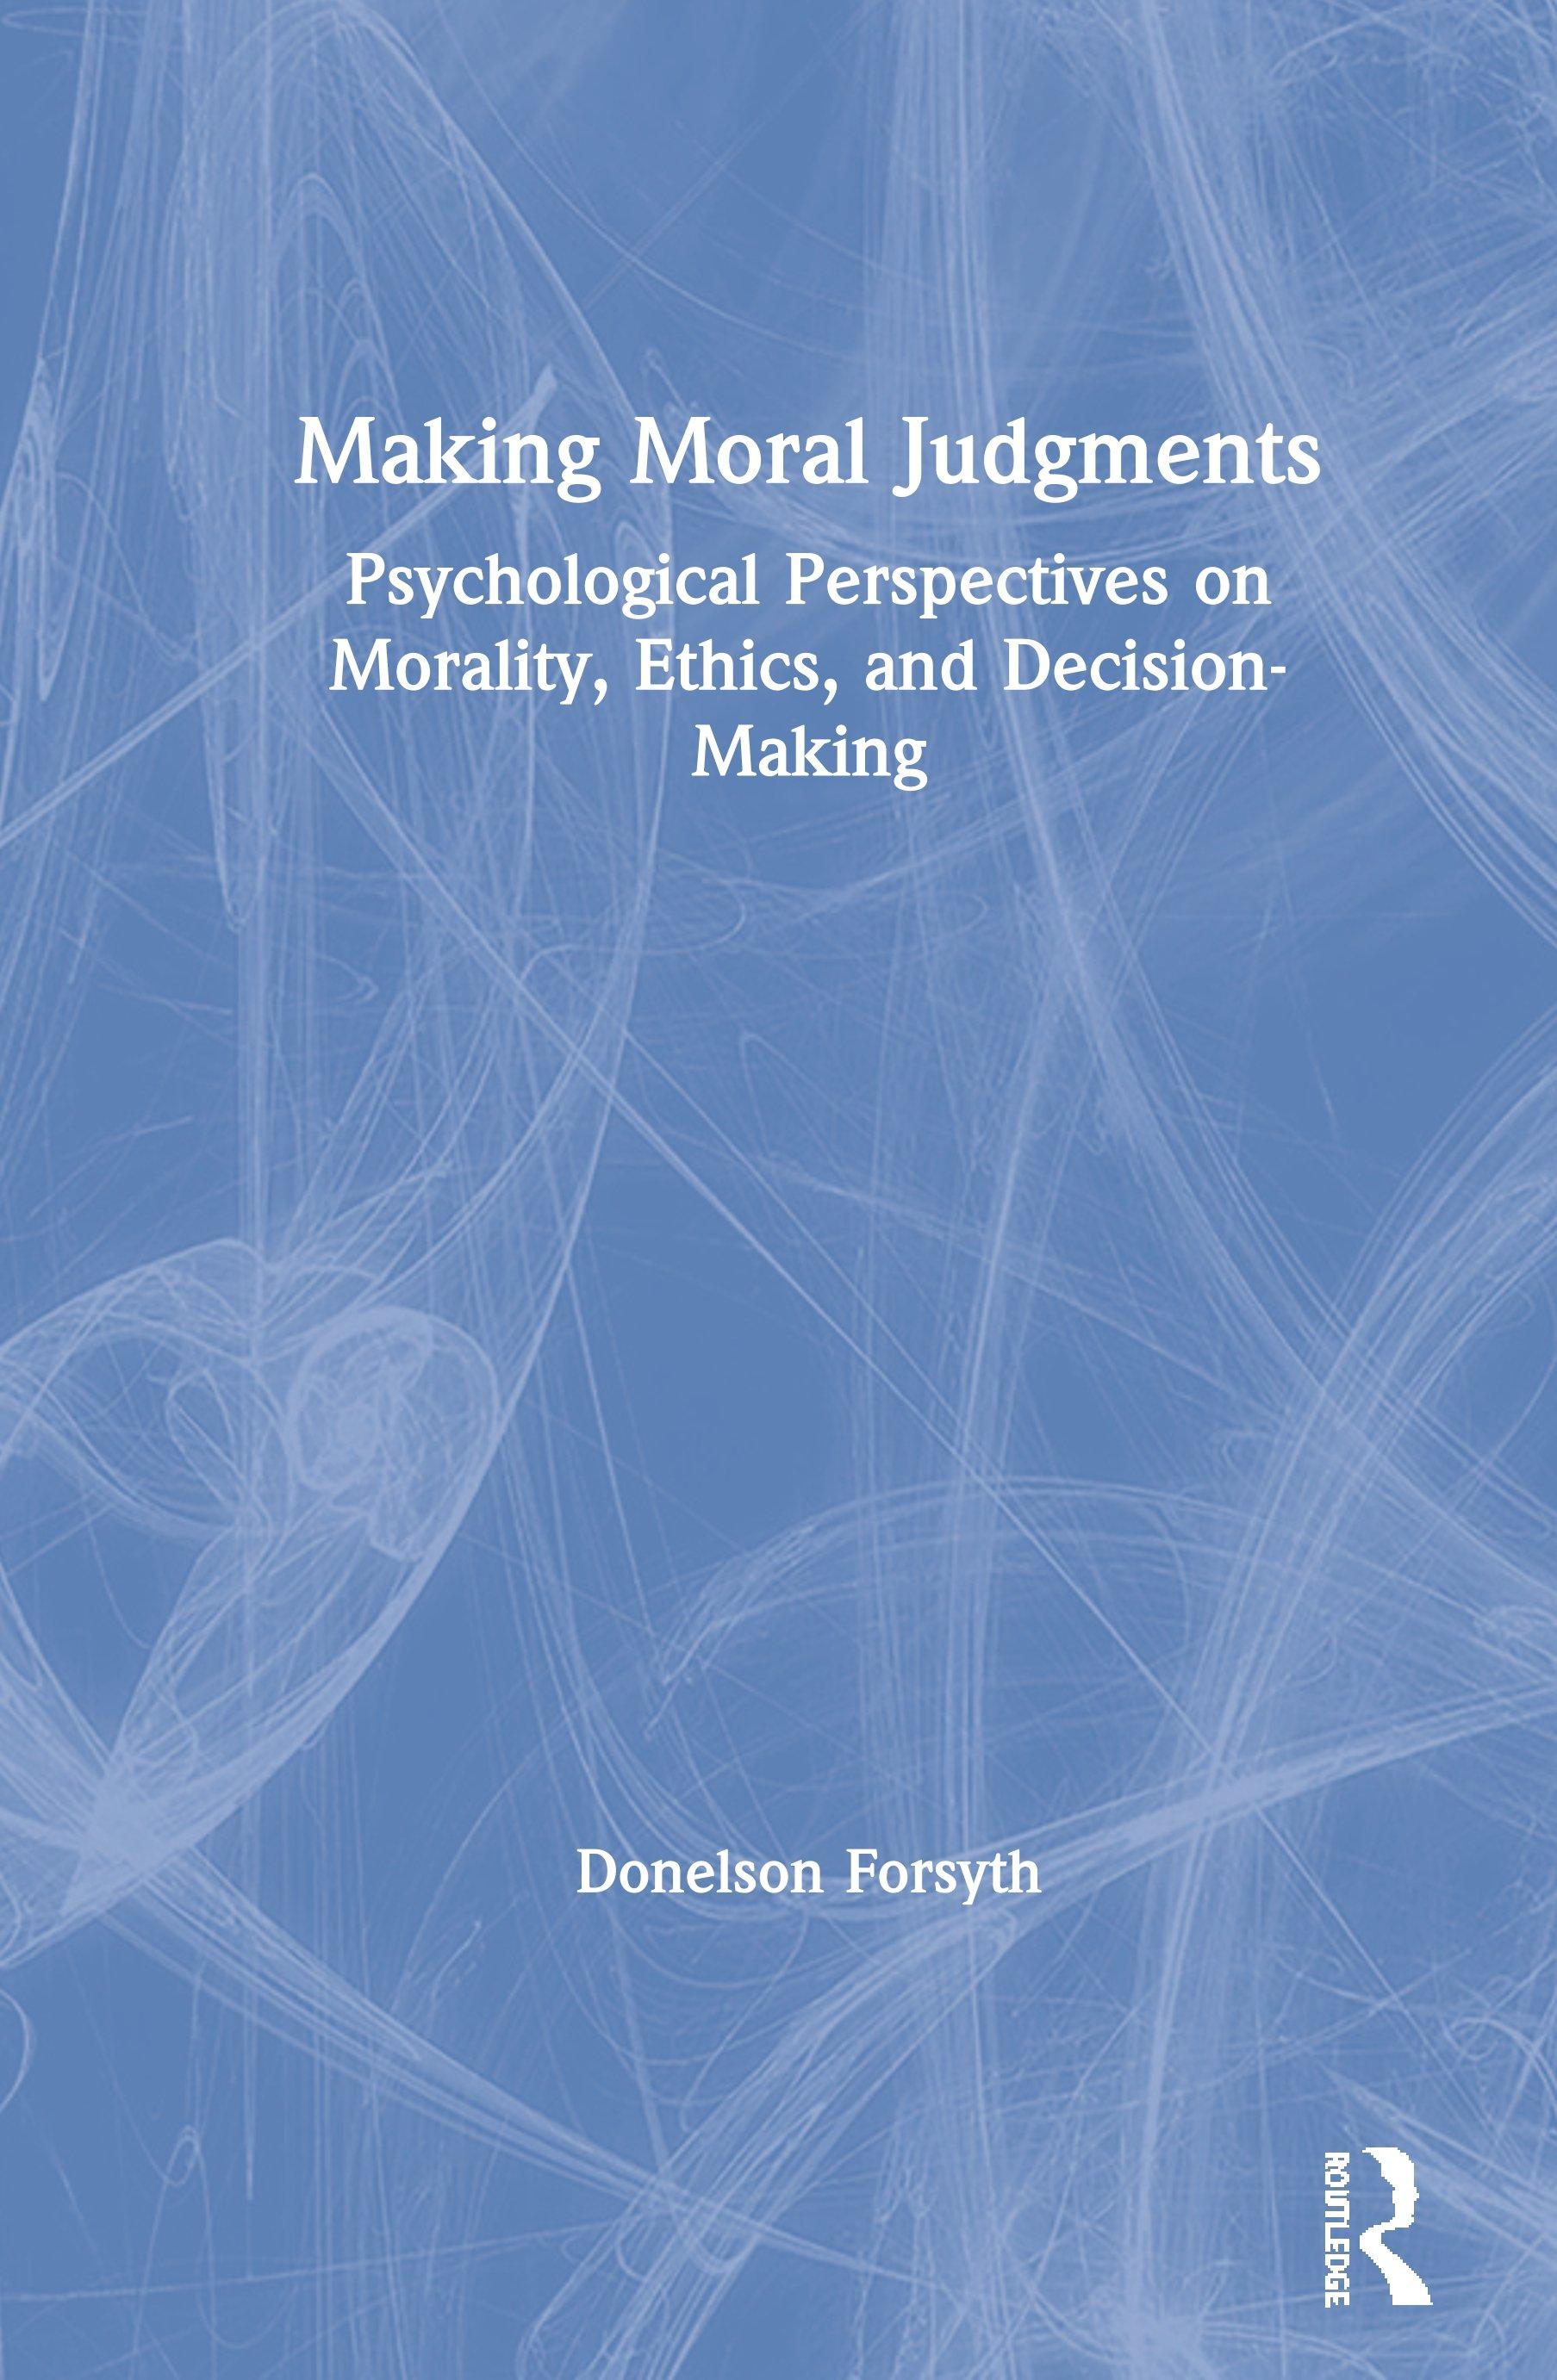 Making Moral Judgments